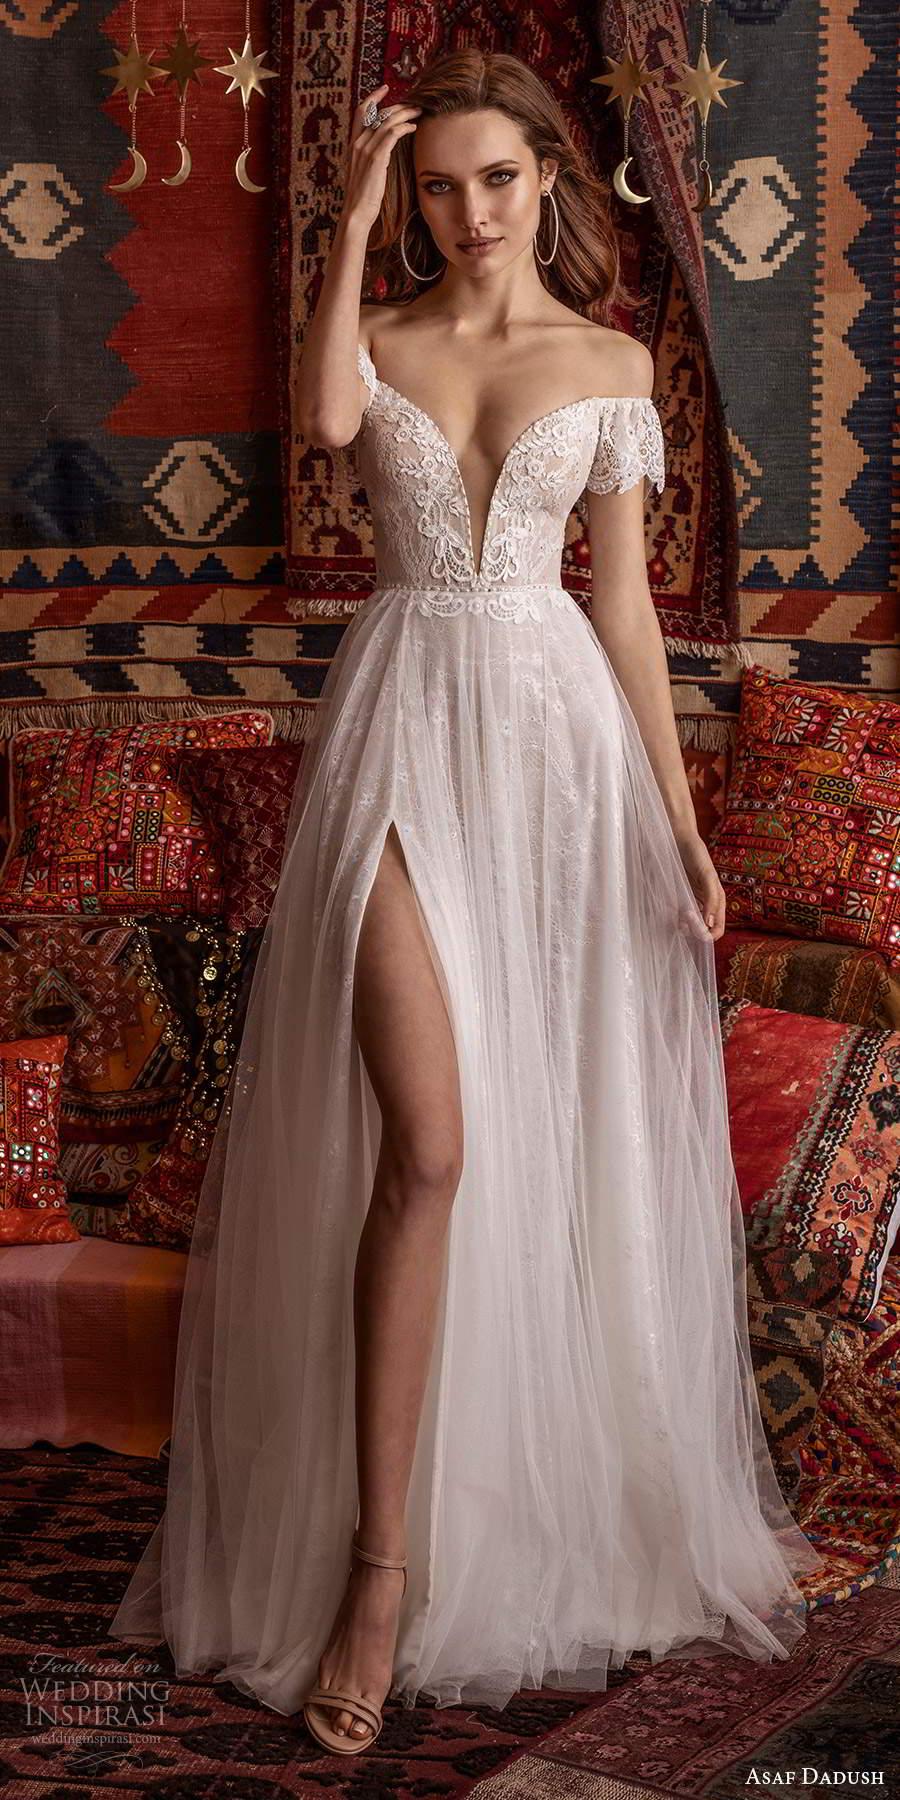 asaf dadush 2021 bridal off shoulder flutter sleeves plunging v neckline embellished a line wedding dress slit skirt chapel train (2) lv